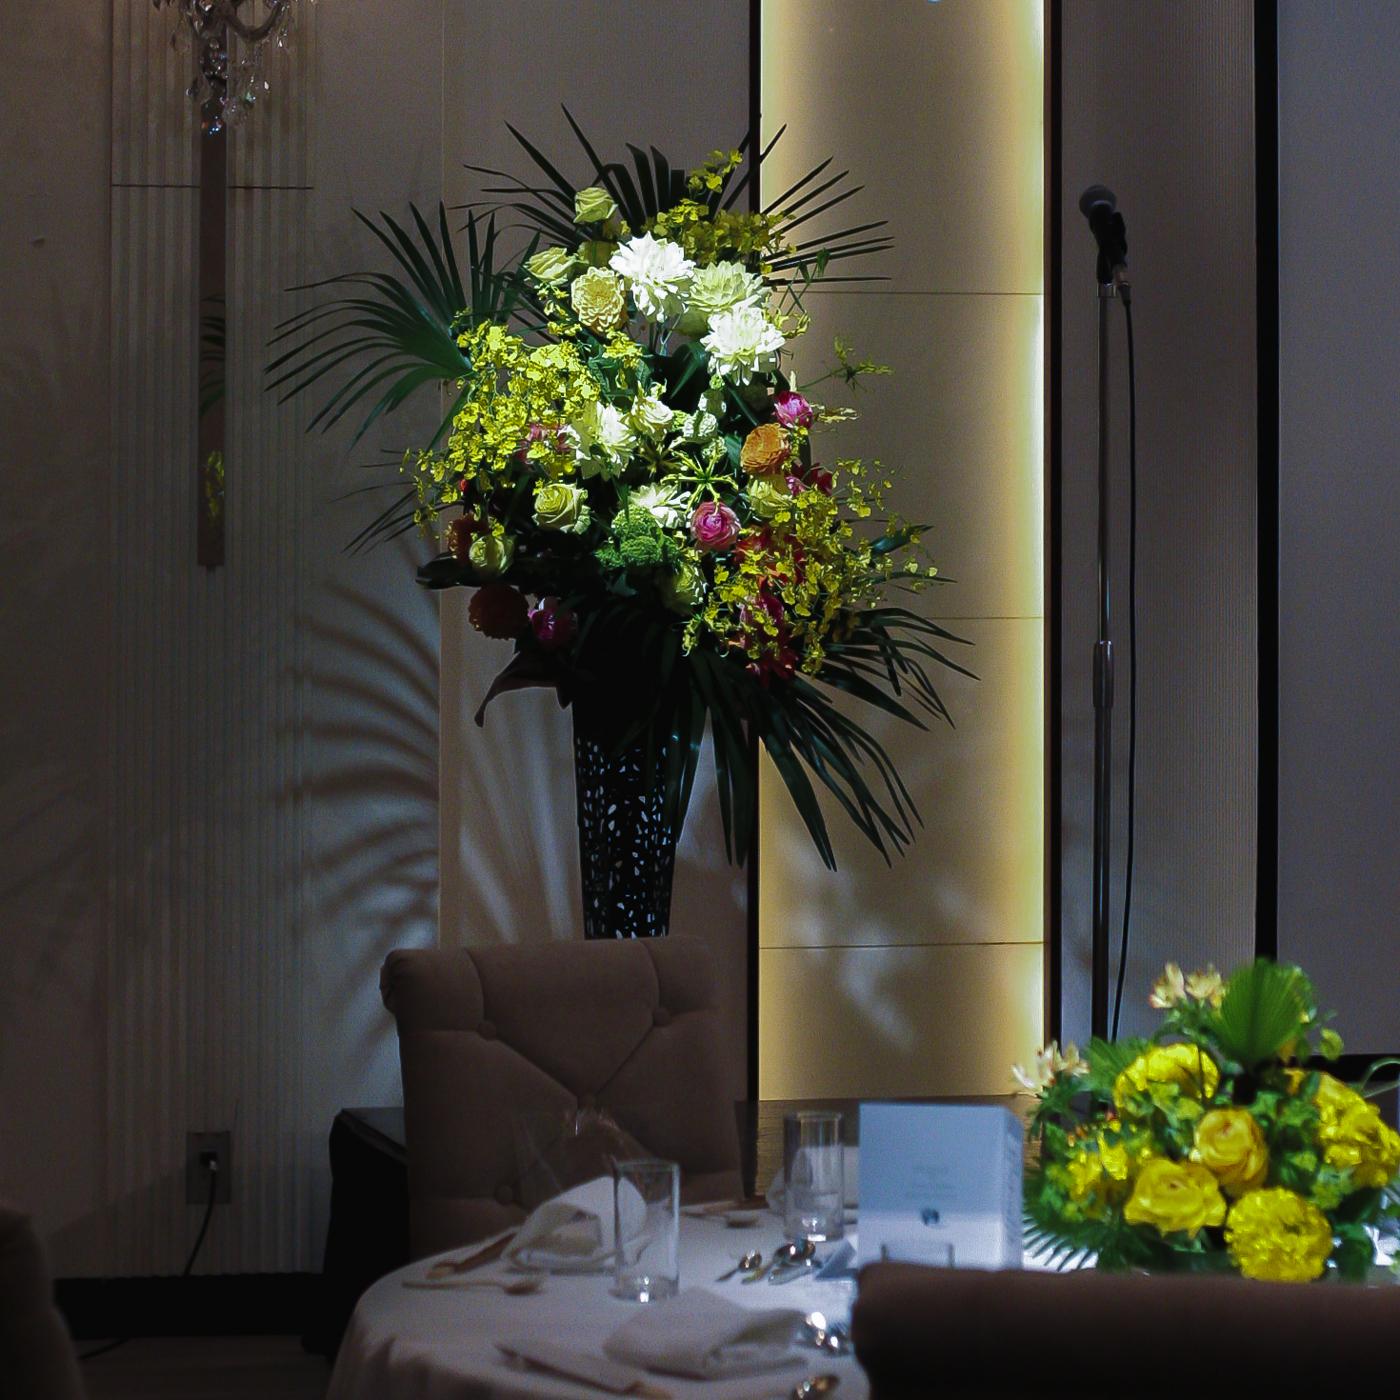 社会福祉法人 多摩棕櫚亭協会|30周年記念ホテルパーティー|アートディレクション グラフィックデザイン コンサルタント ブランドデザイン|東京都国立